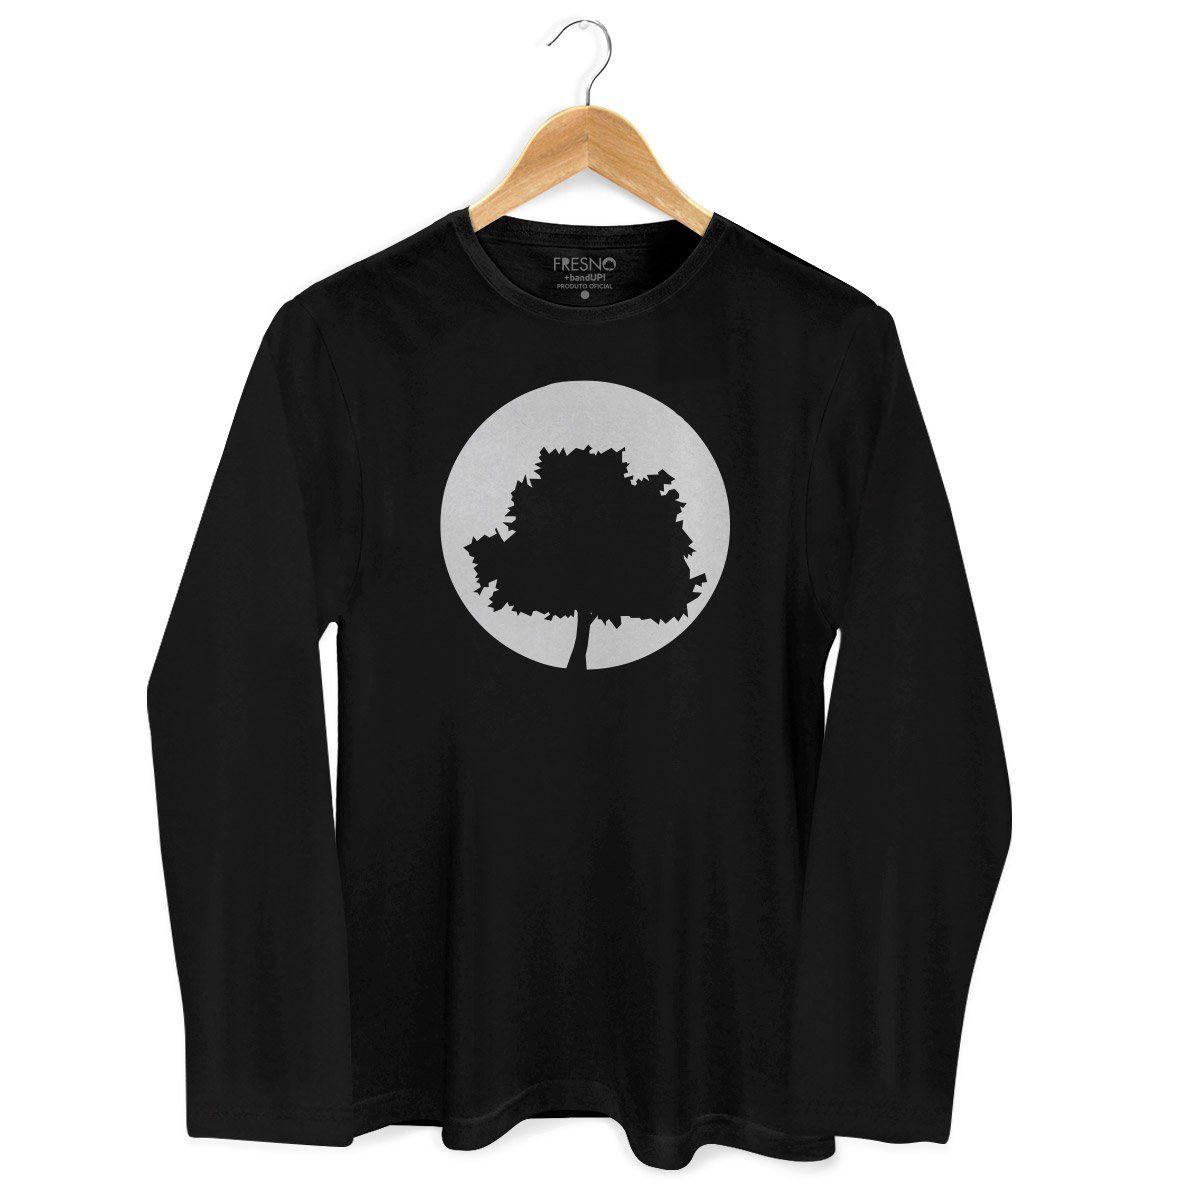 Camiseta Masculina de Manga Longa Fresno Logo Árvore